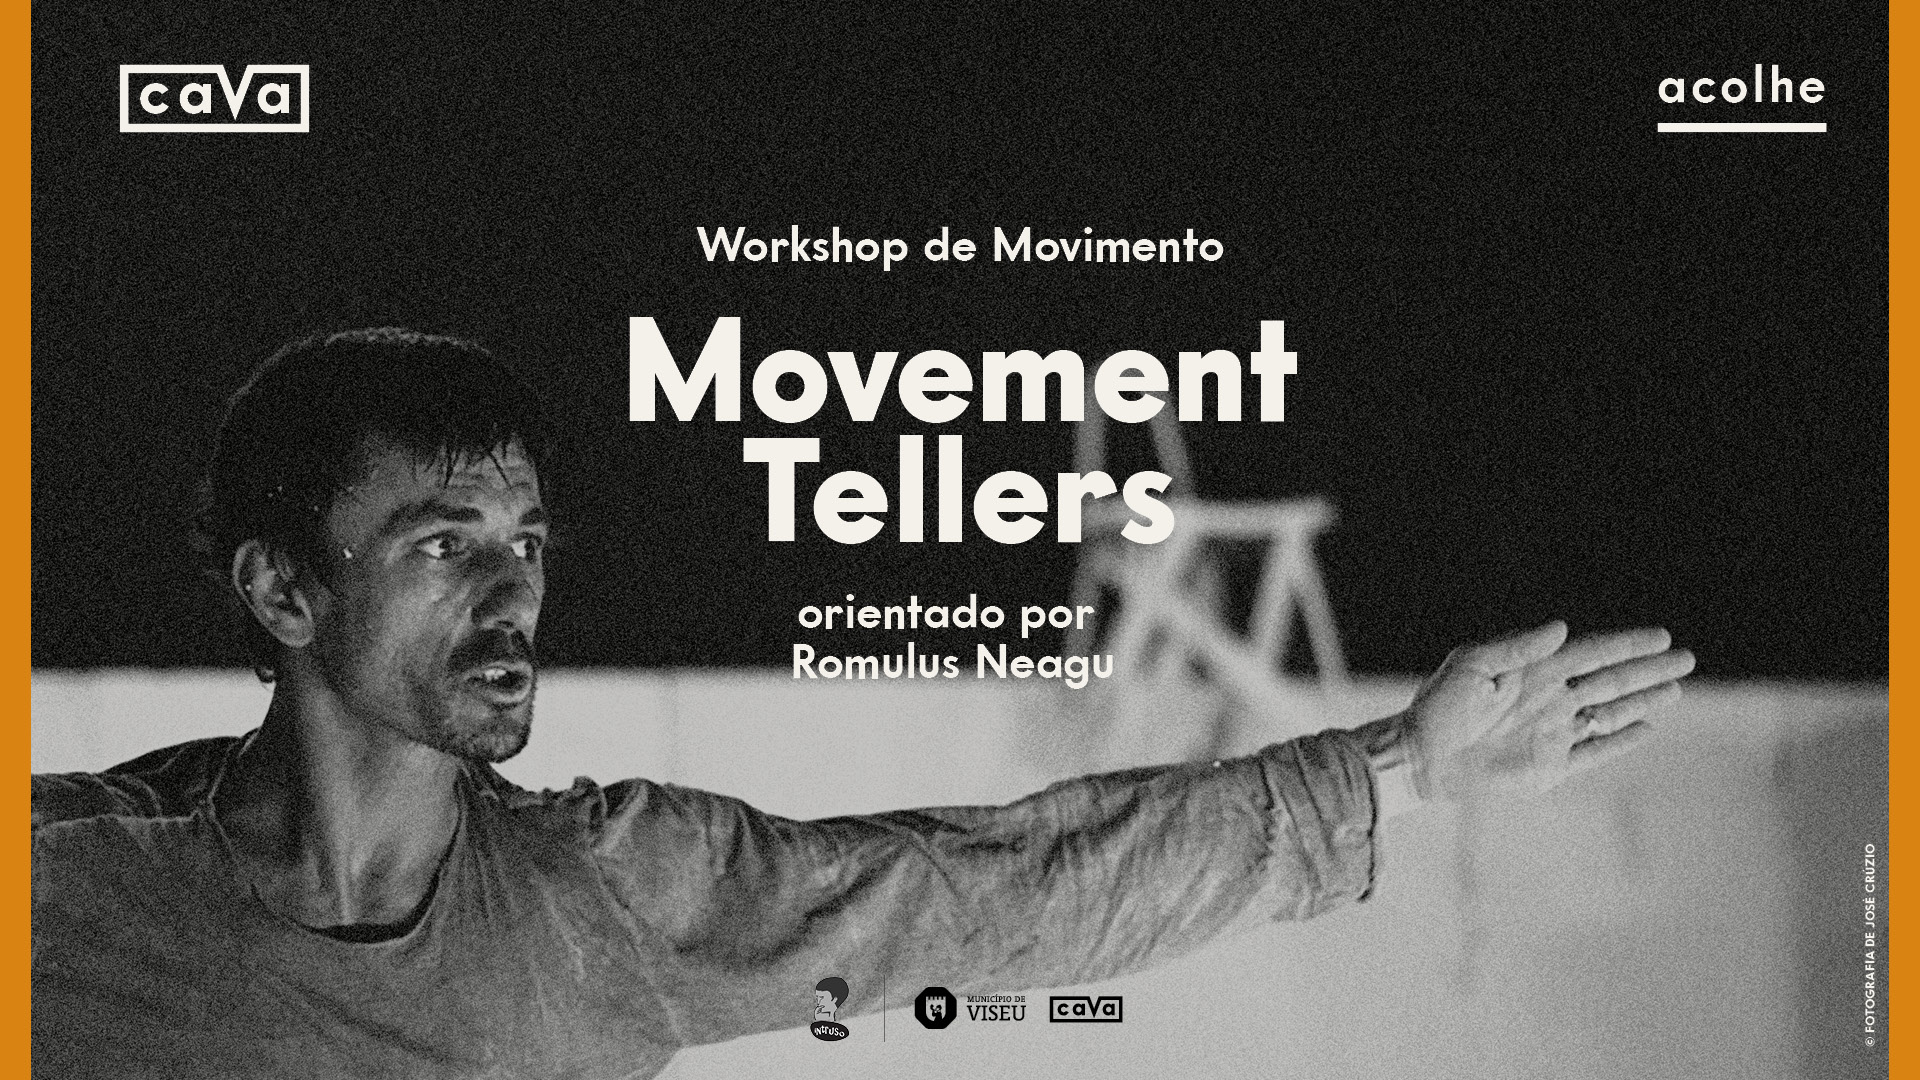 Workshop de movimento: Movement Tellers